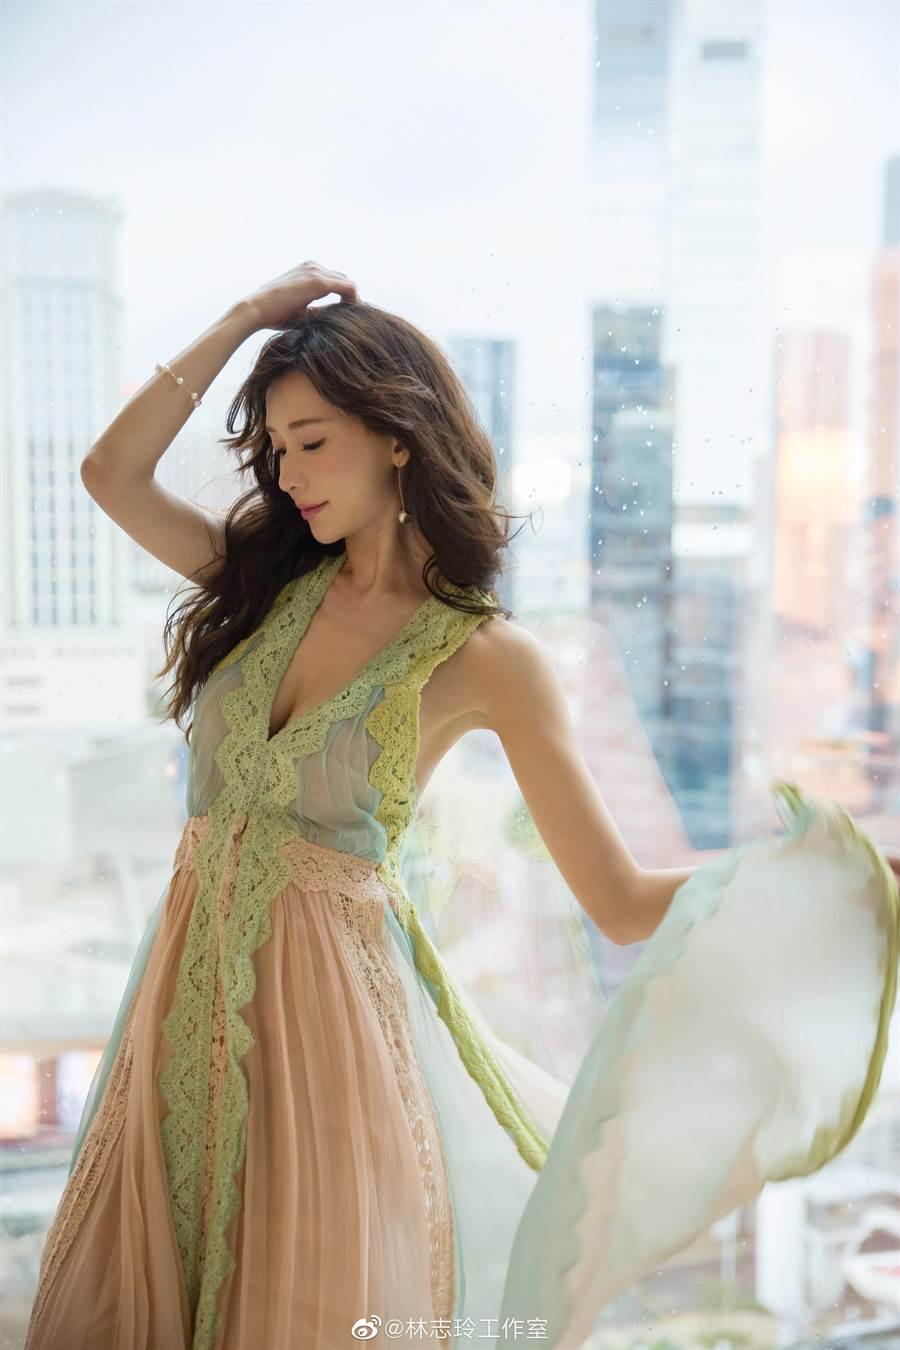 林志玲以一襲湖水綠浪漫禮服搭配TASAKI珠寶,走上Channel V全球華語榜中榜頒獎典禮的紅毯。(擷自林志玲微博)